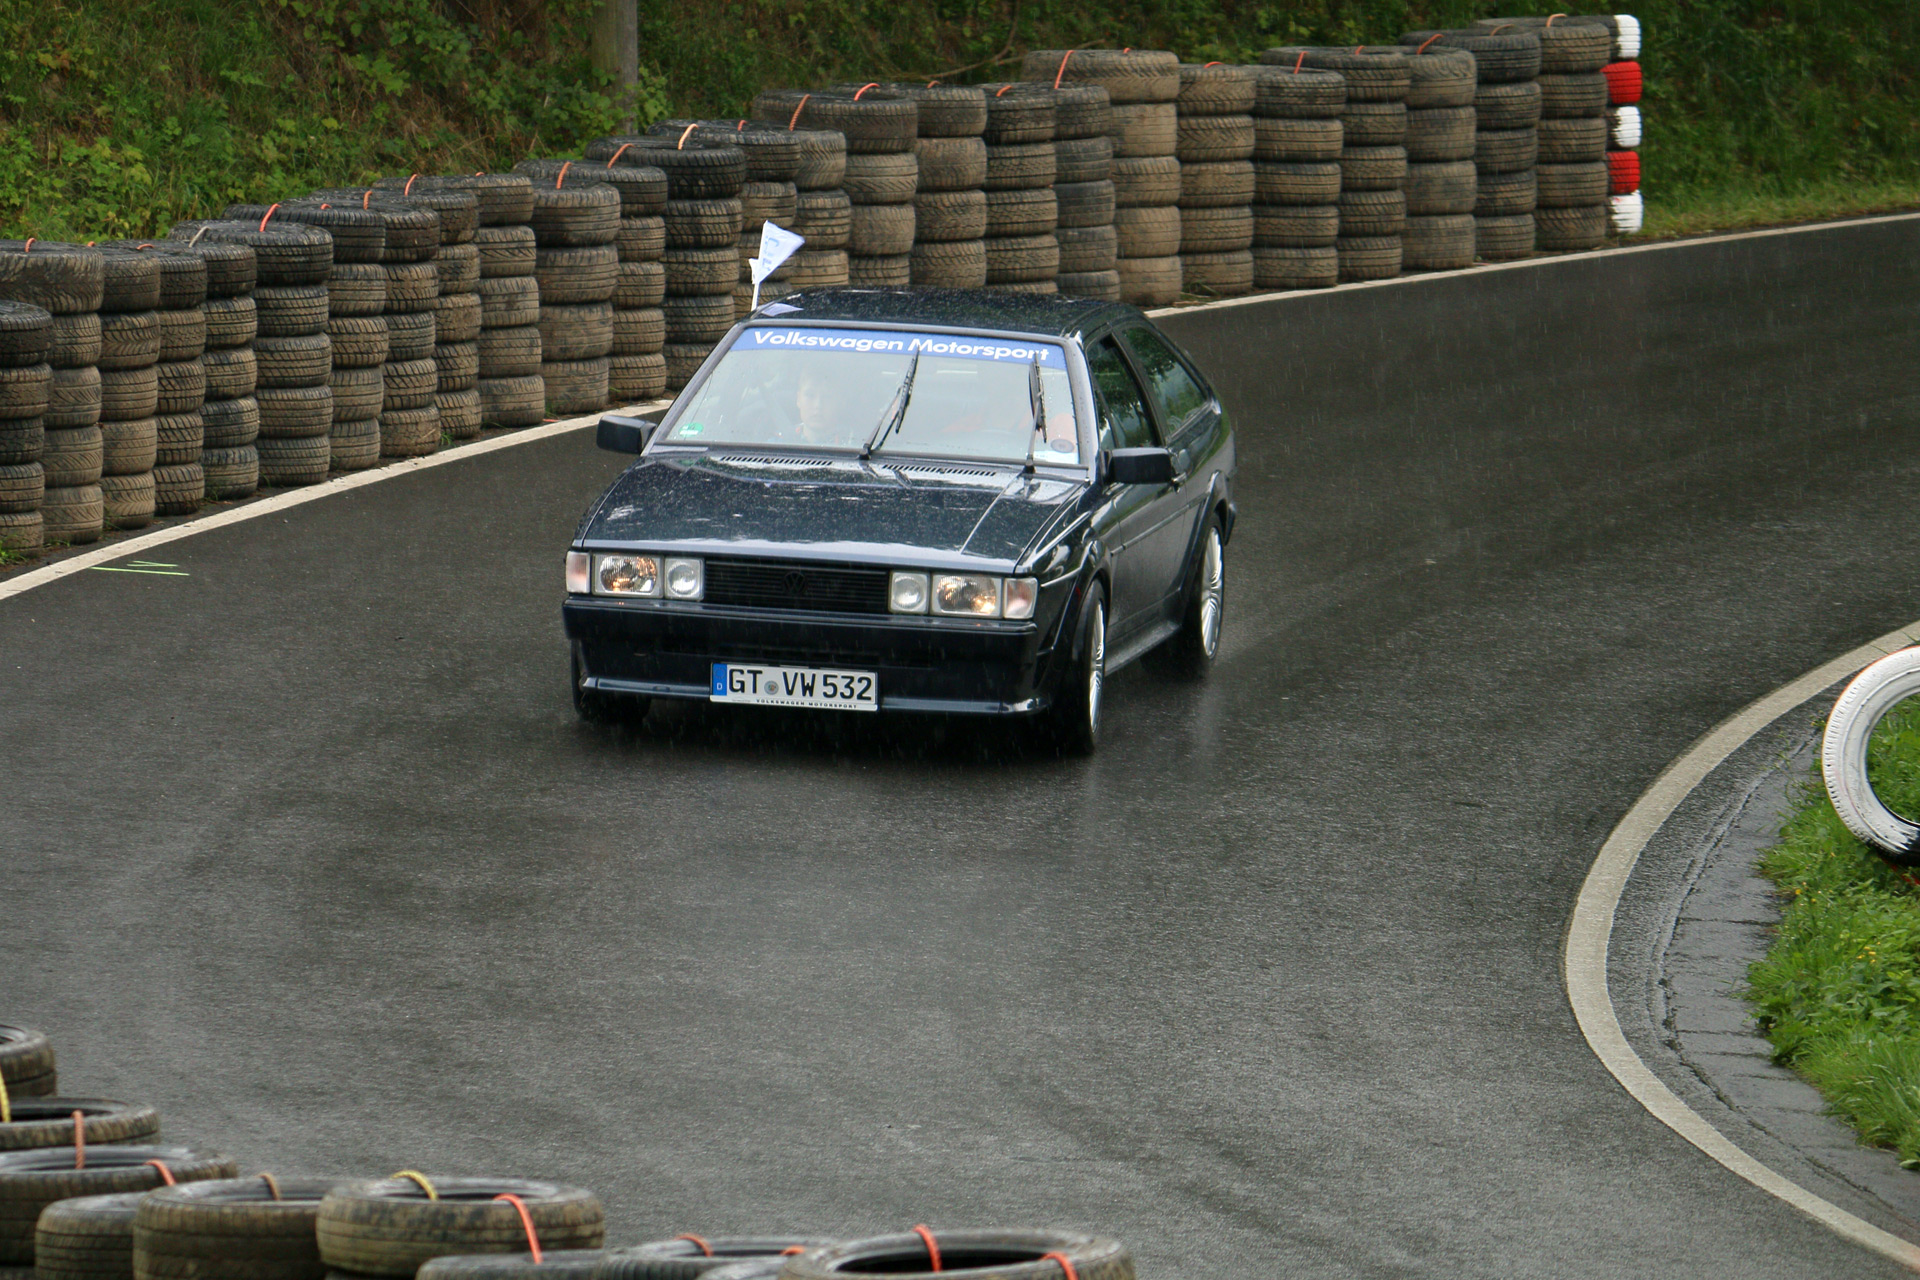 Dieser Scirocco Scala 1,6l ist von 1988, hat einen 75PS Vergasermotor bei 875kg Leergewicht. Er hat 89.000 km gelaufen und wird (normalerweise) nur bei gutem Wetter gefahren.  Volkswagen-interne Bezeichnung Typ 53B.